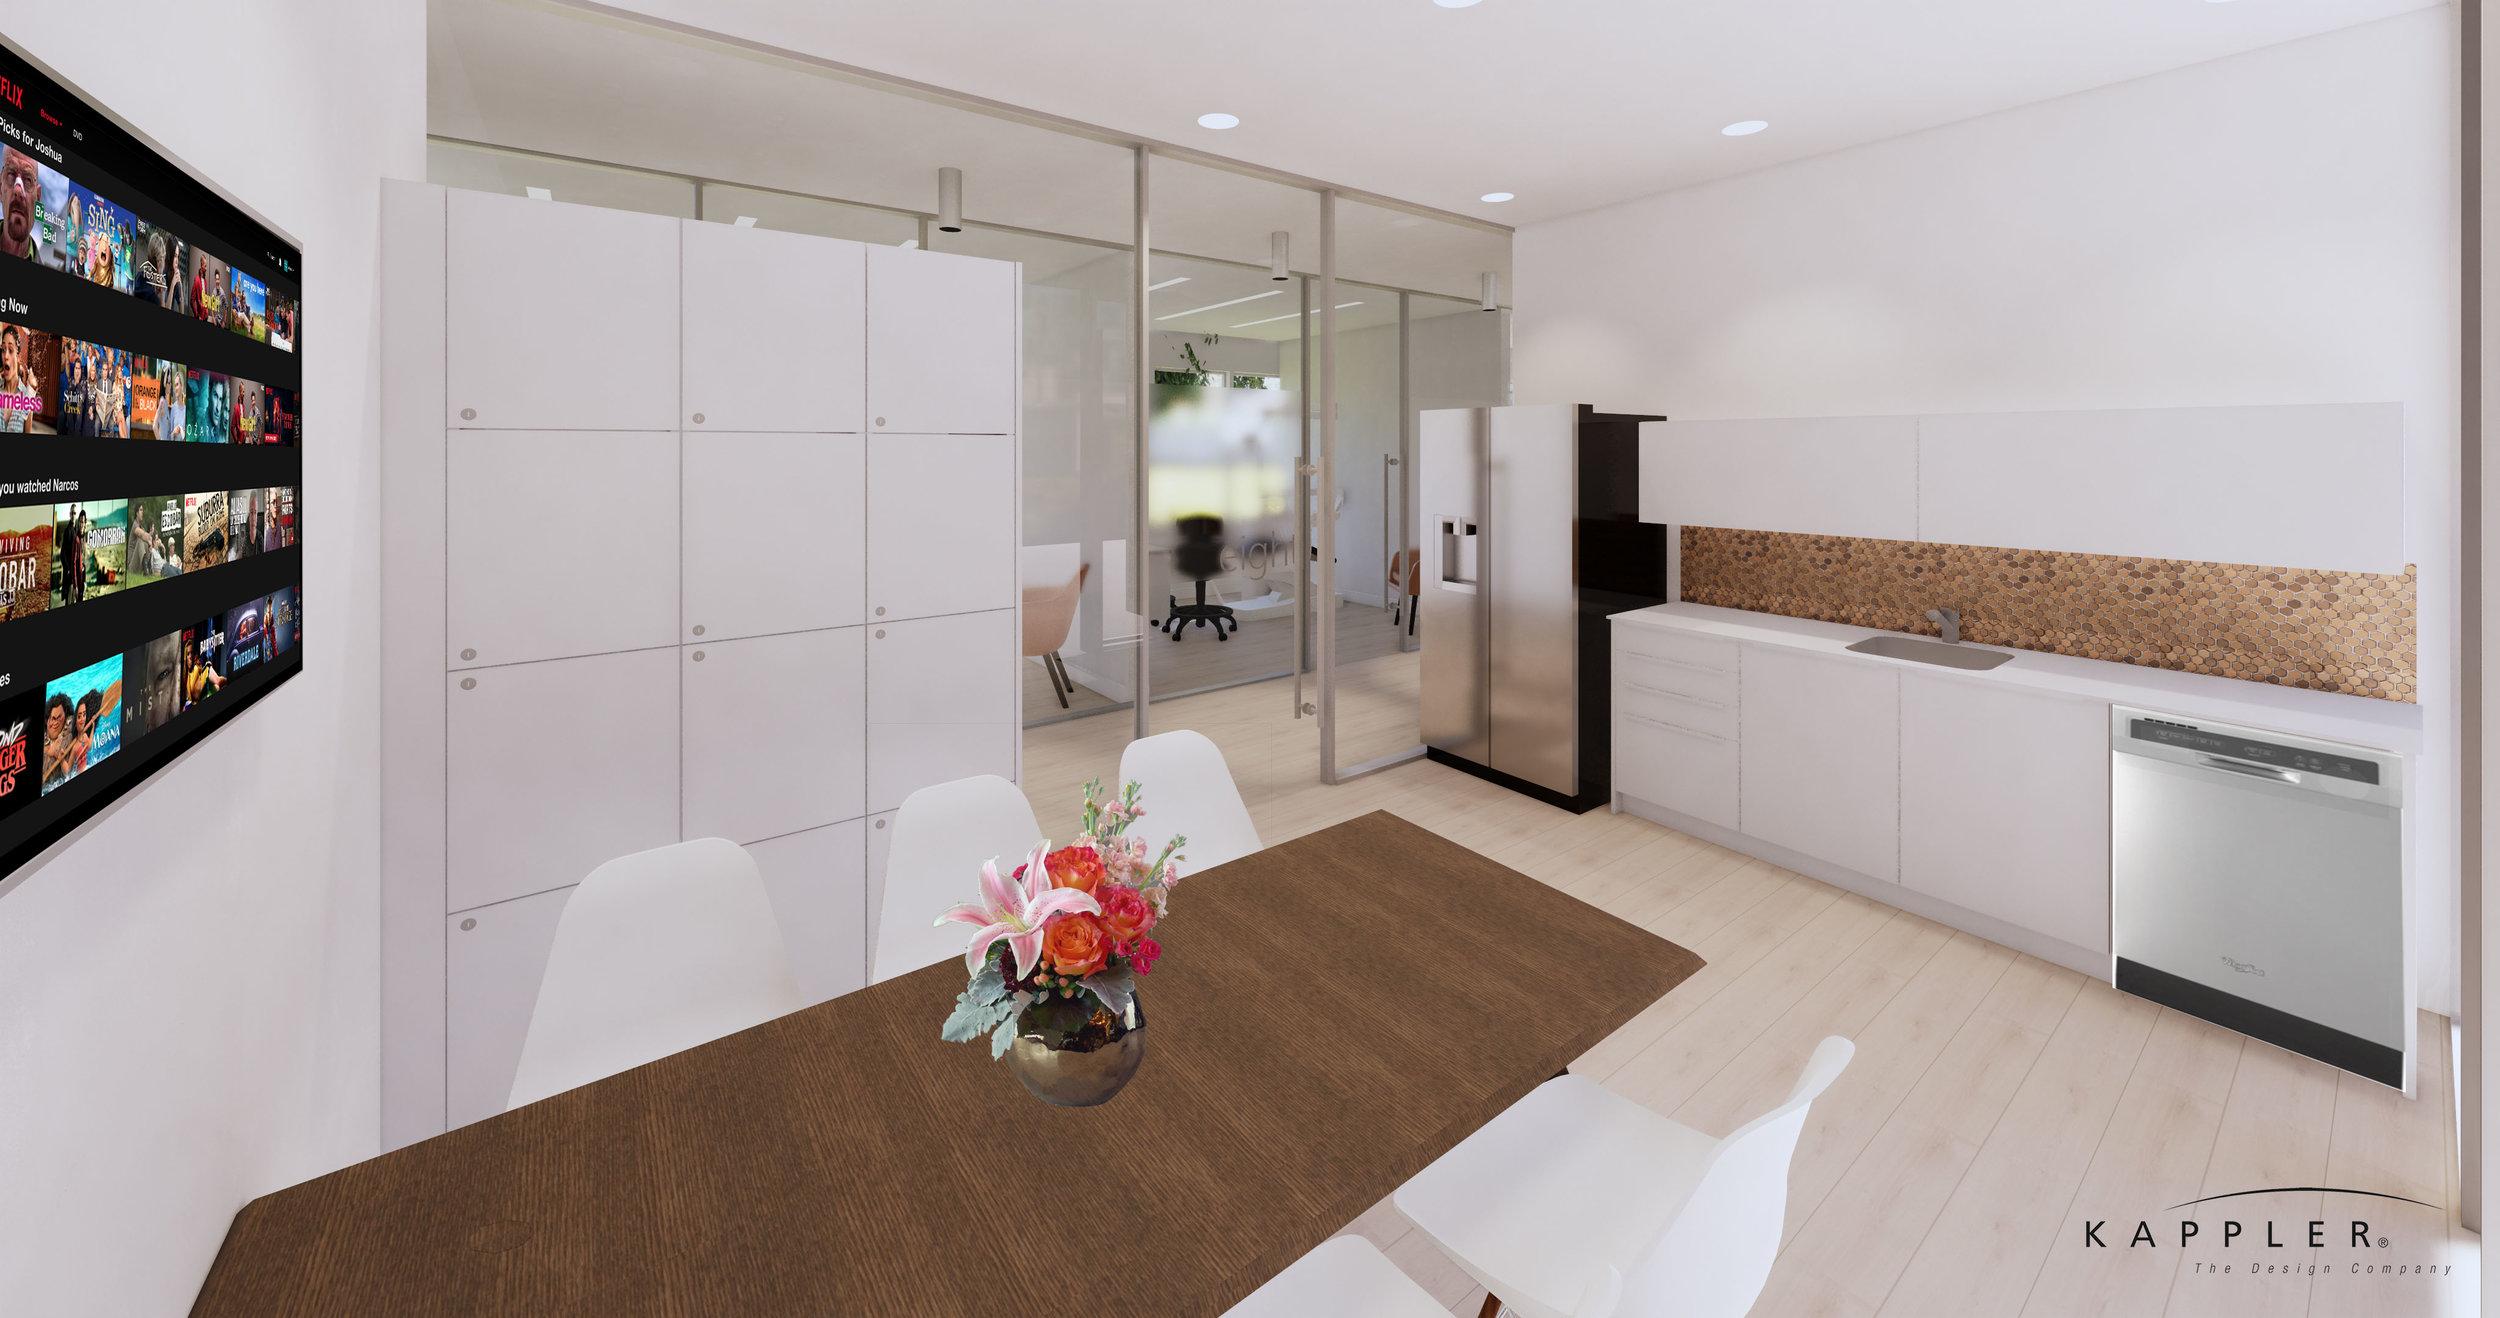 nordic inspired dental office break room